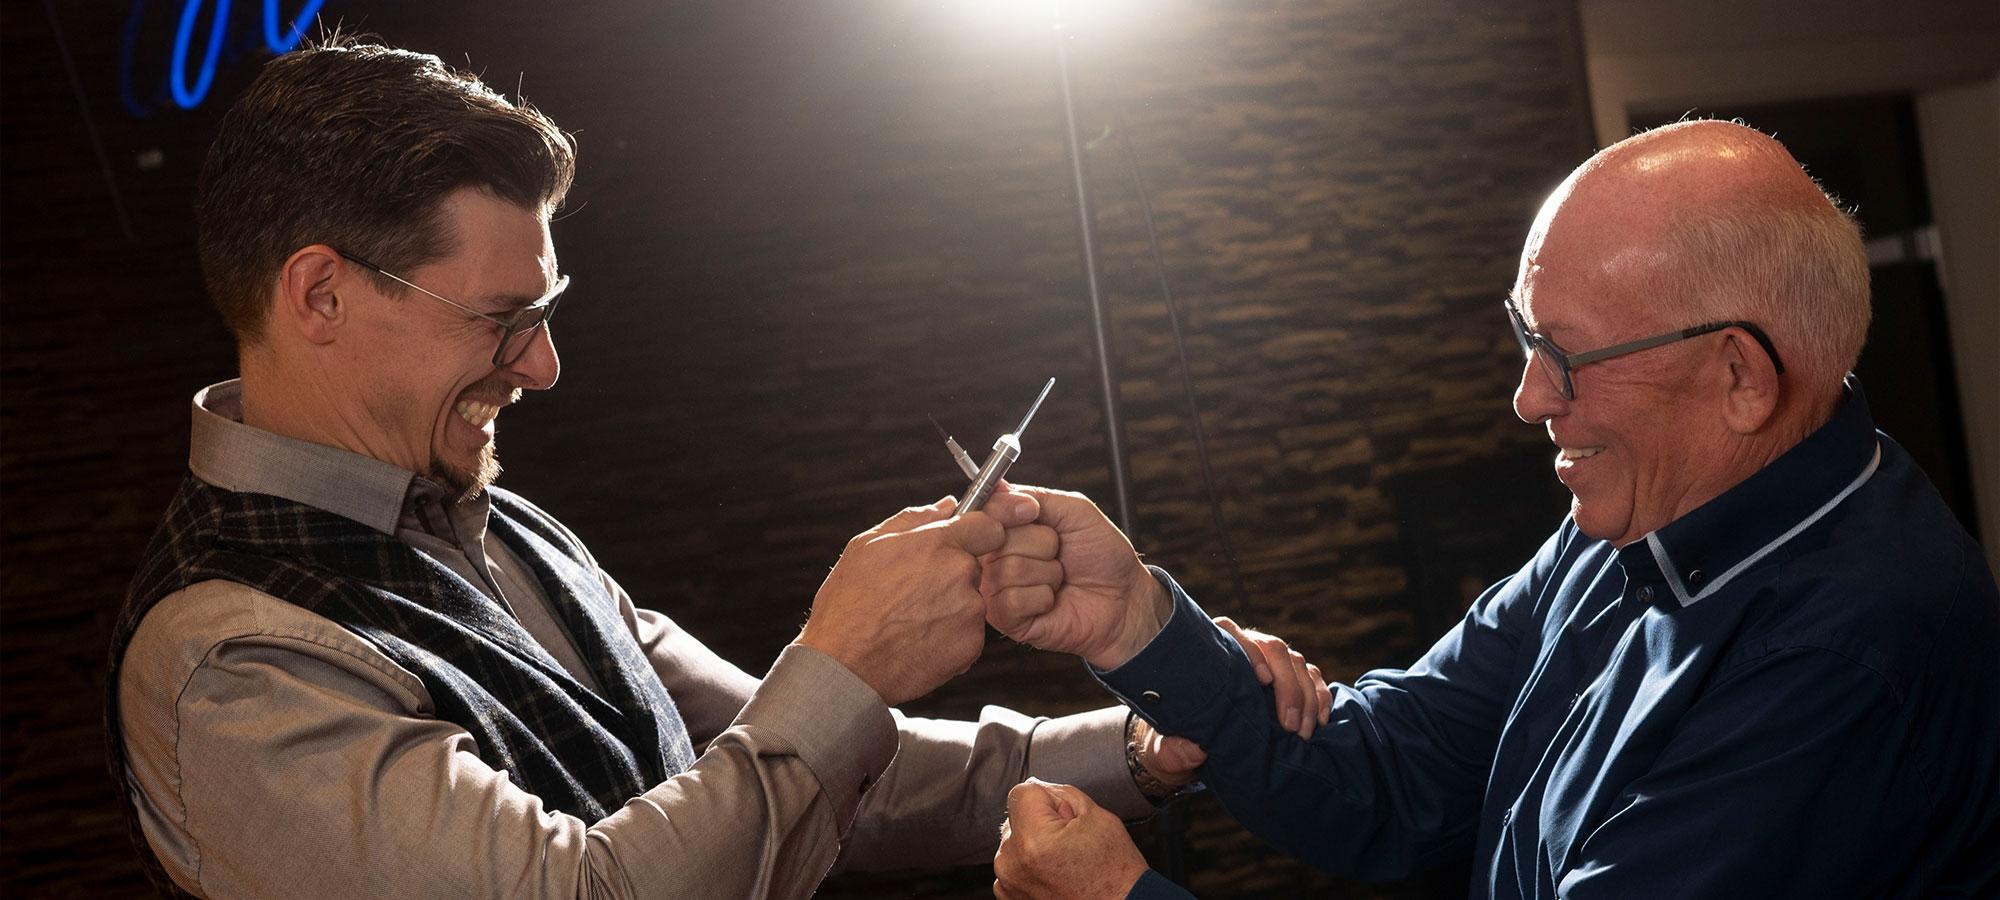 Zwei Personen die sich lachend aus Spaß mit Akustik- und/oder Optikwerkzeugen duellieren